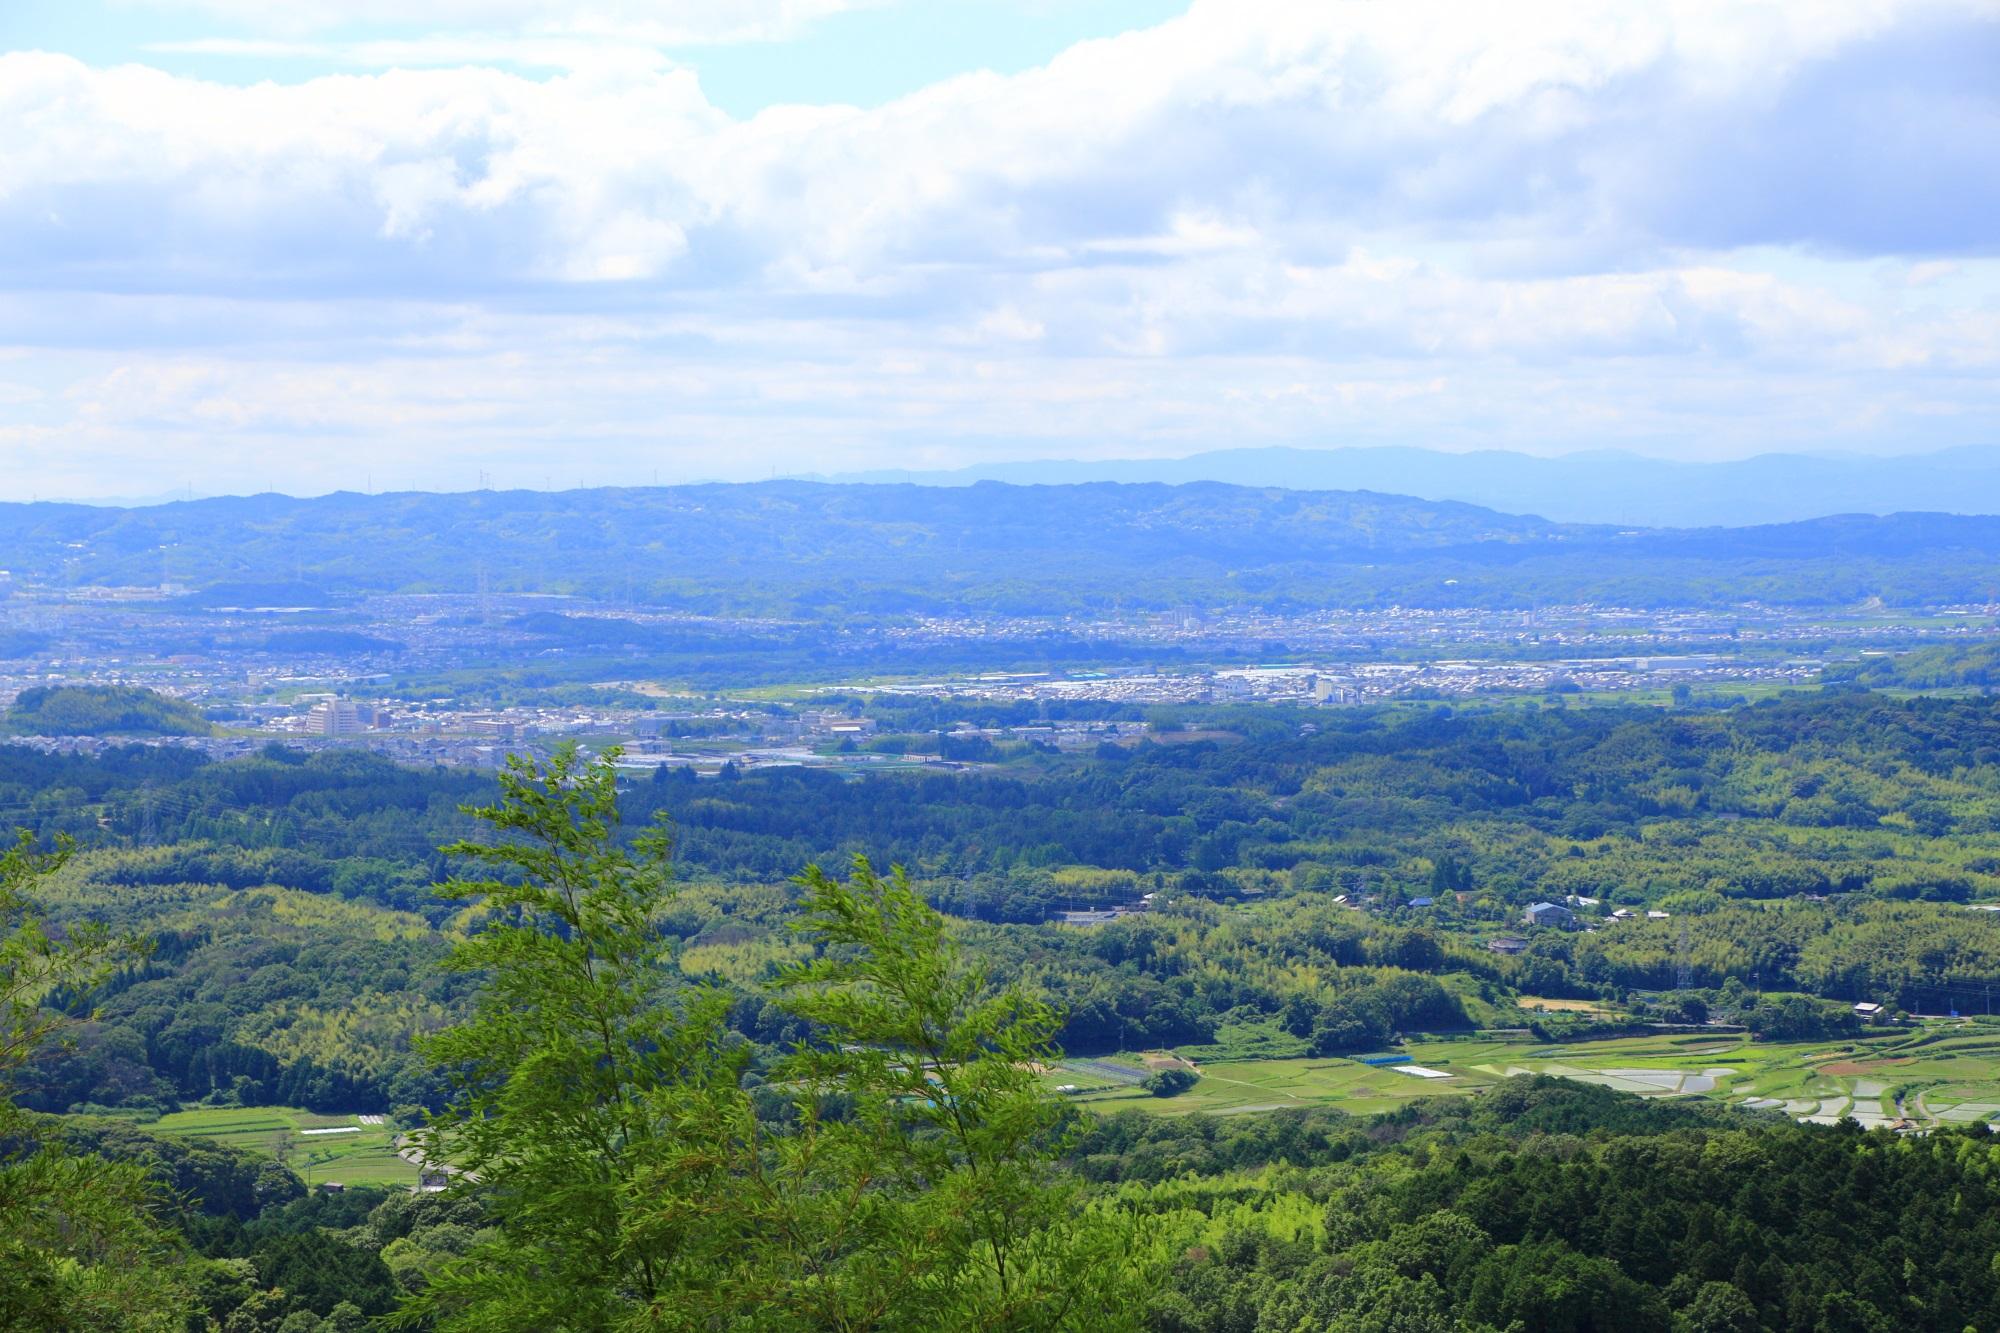 岩船寺から一望できる京都の山城地域や木津川市